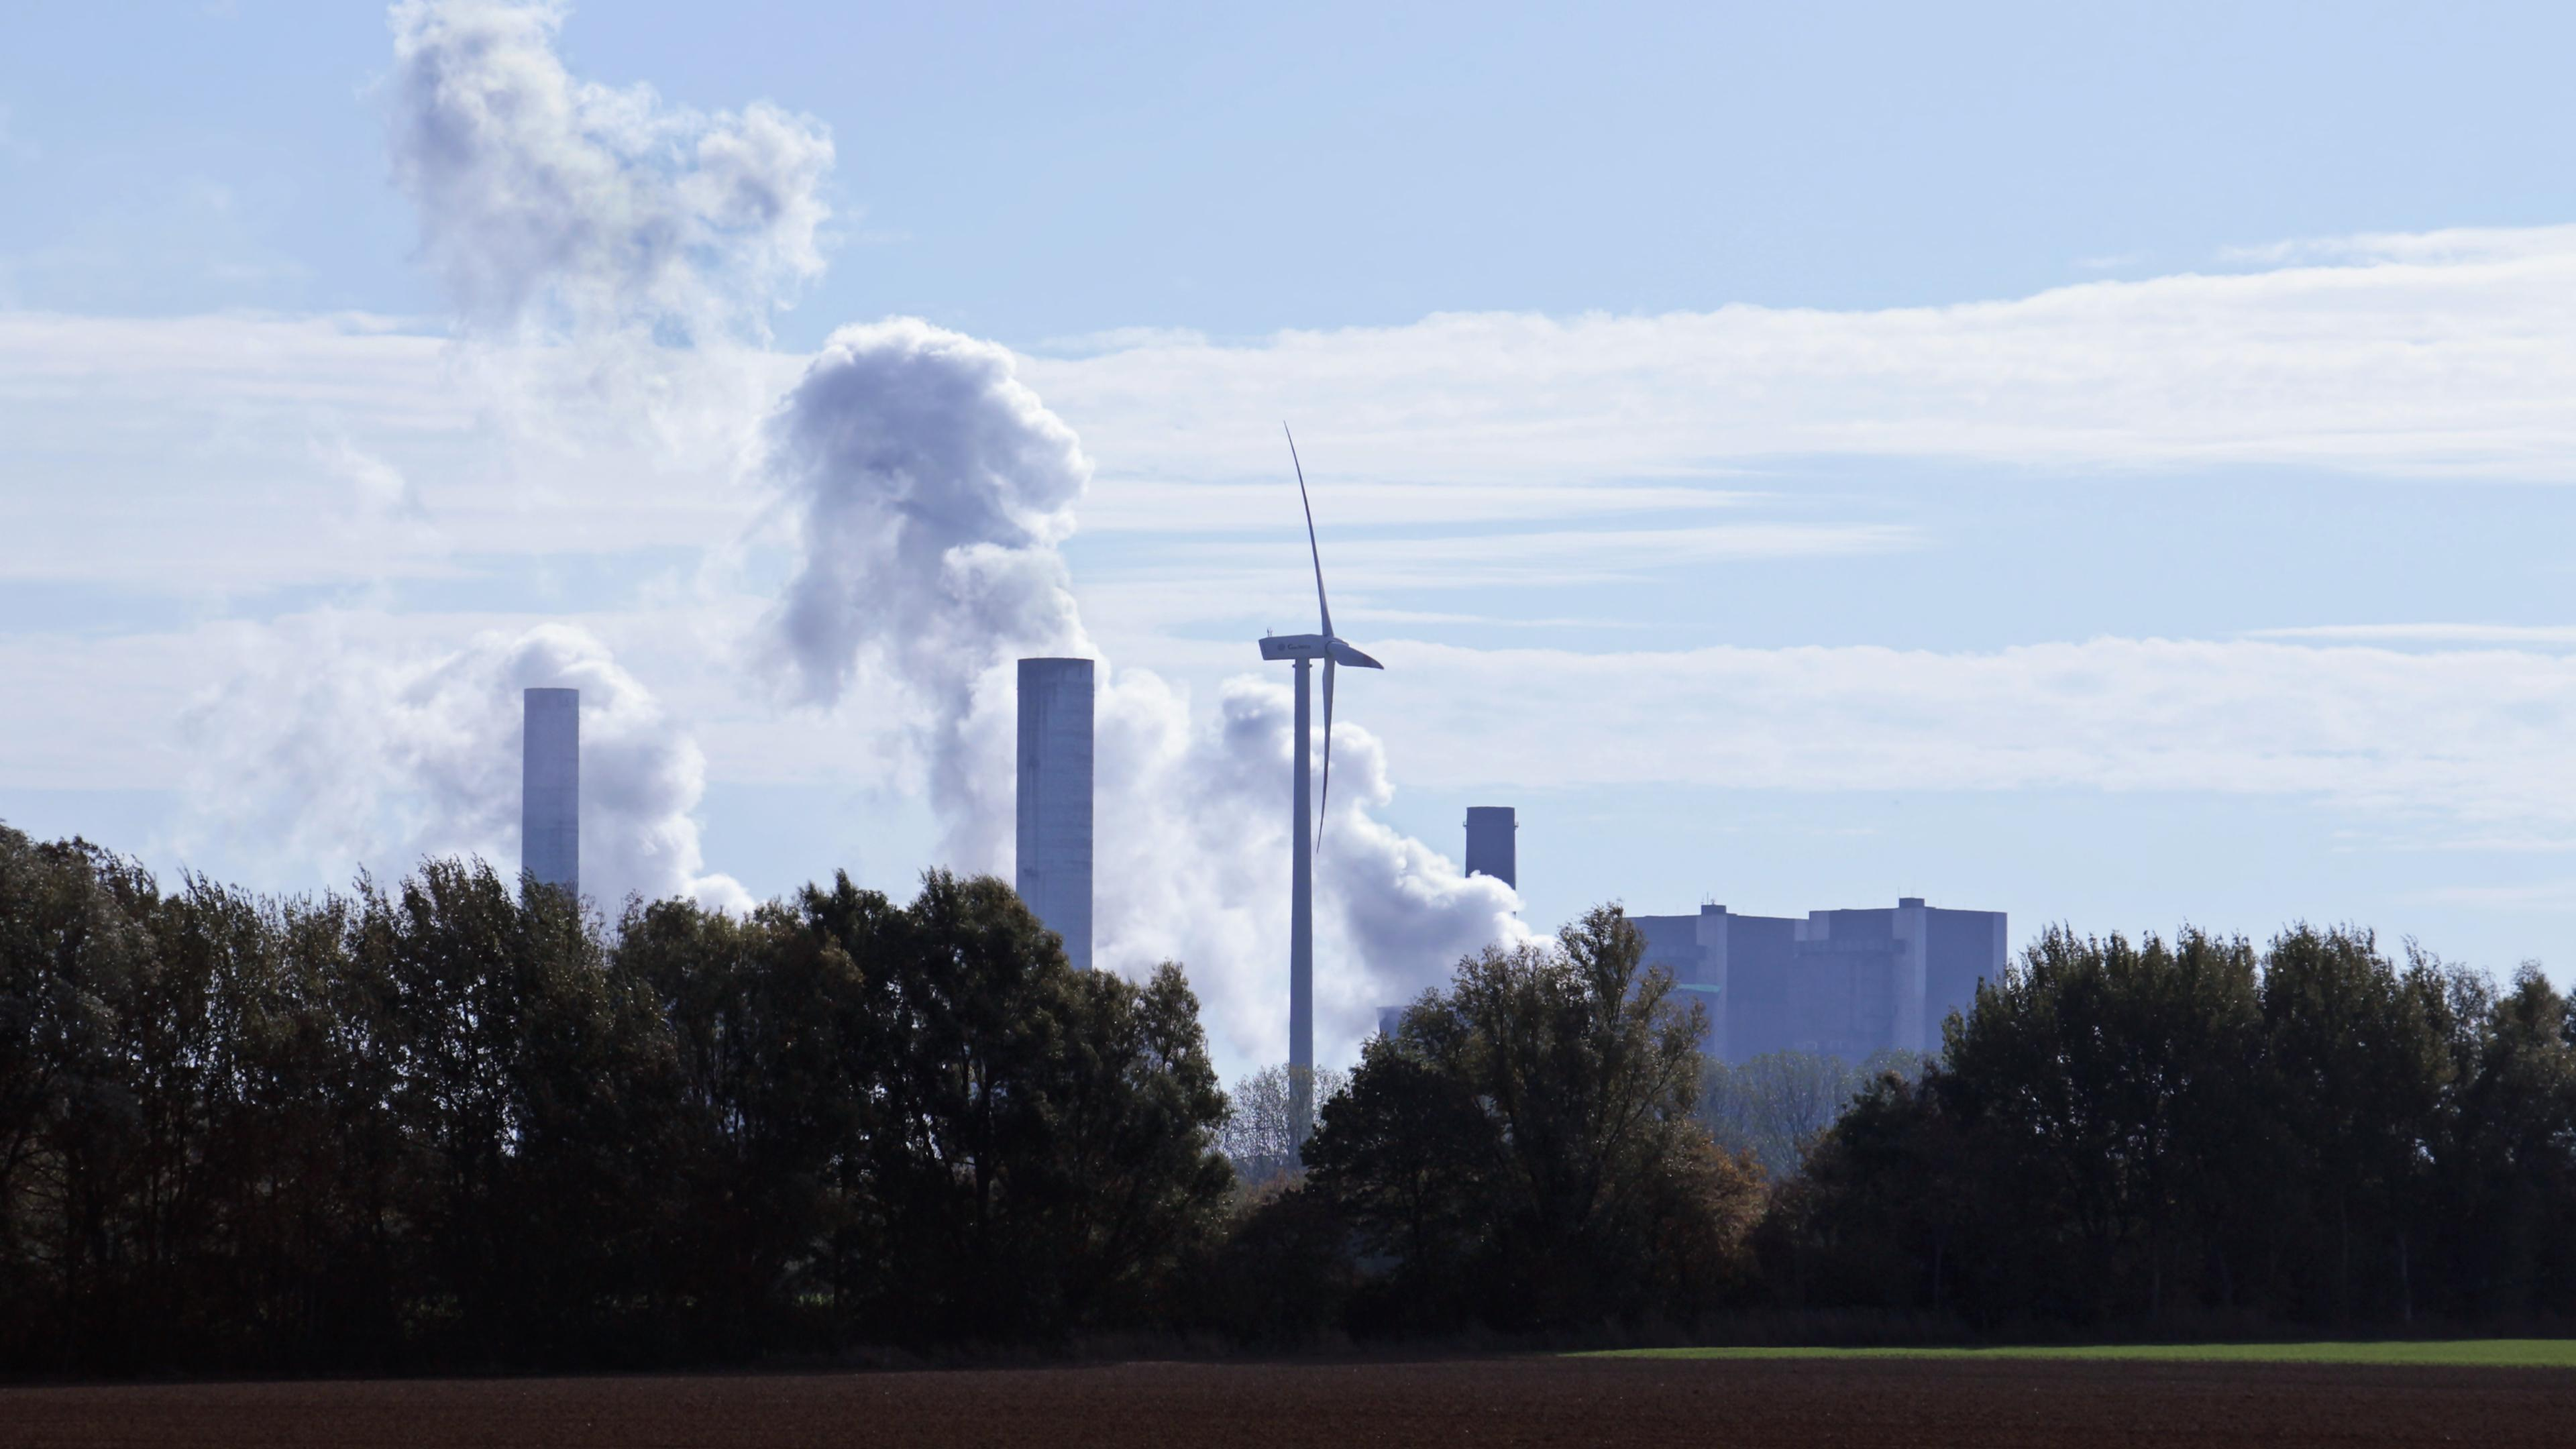 Длительное воздействие не очень грязного воздуха тоже вредит здоровью